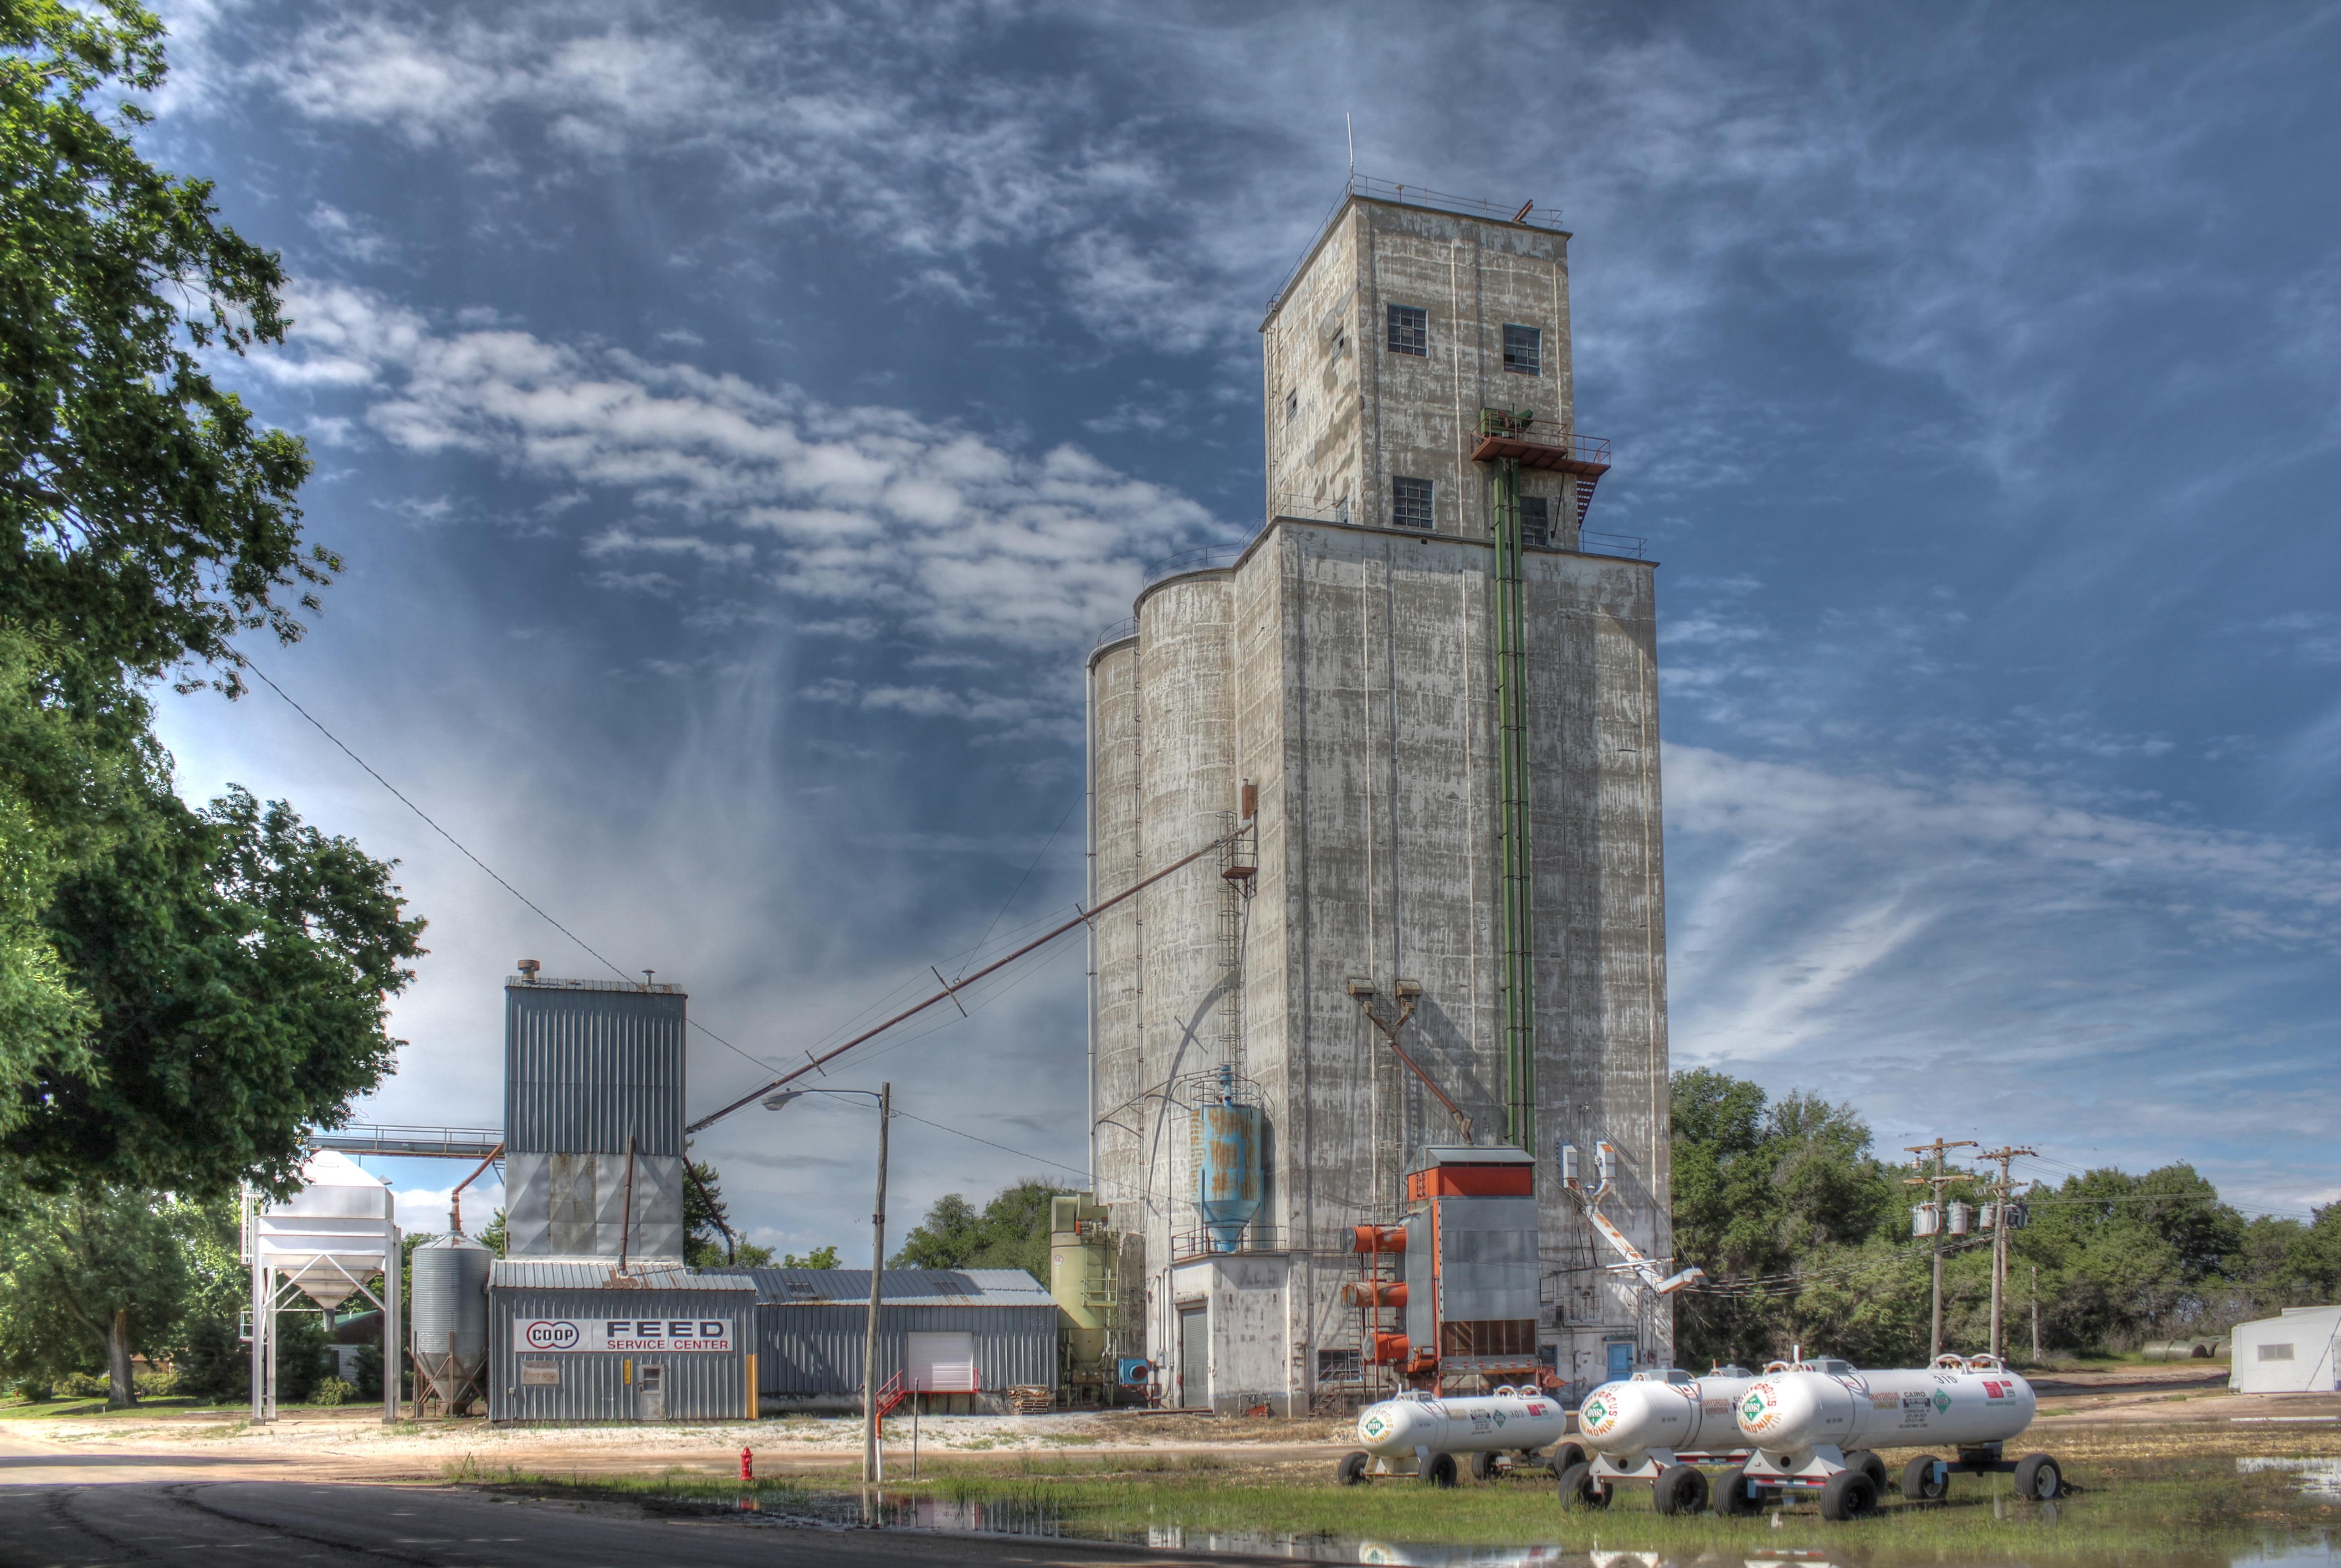 Kansas reno county turon - Elevator Grain Kansas Preston Hdr 3xp Photomatix